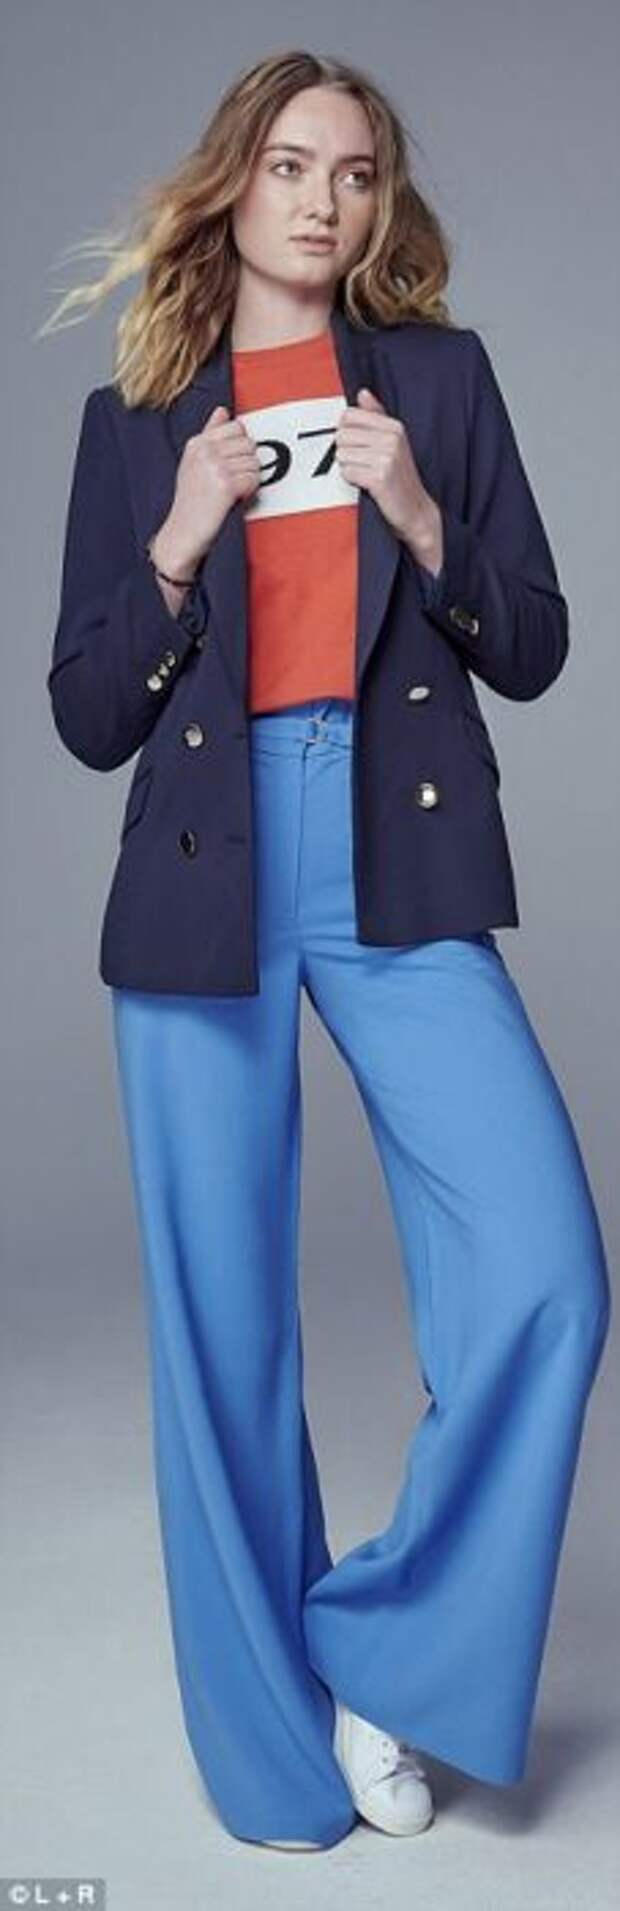 Удлиненный темно-синий пиджак с голубыми брюками и белыми кедами.